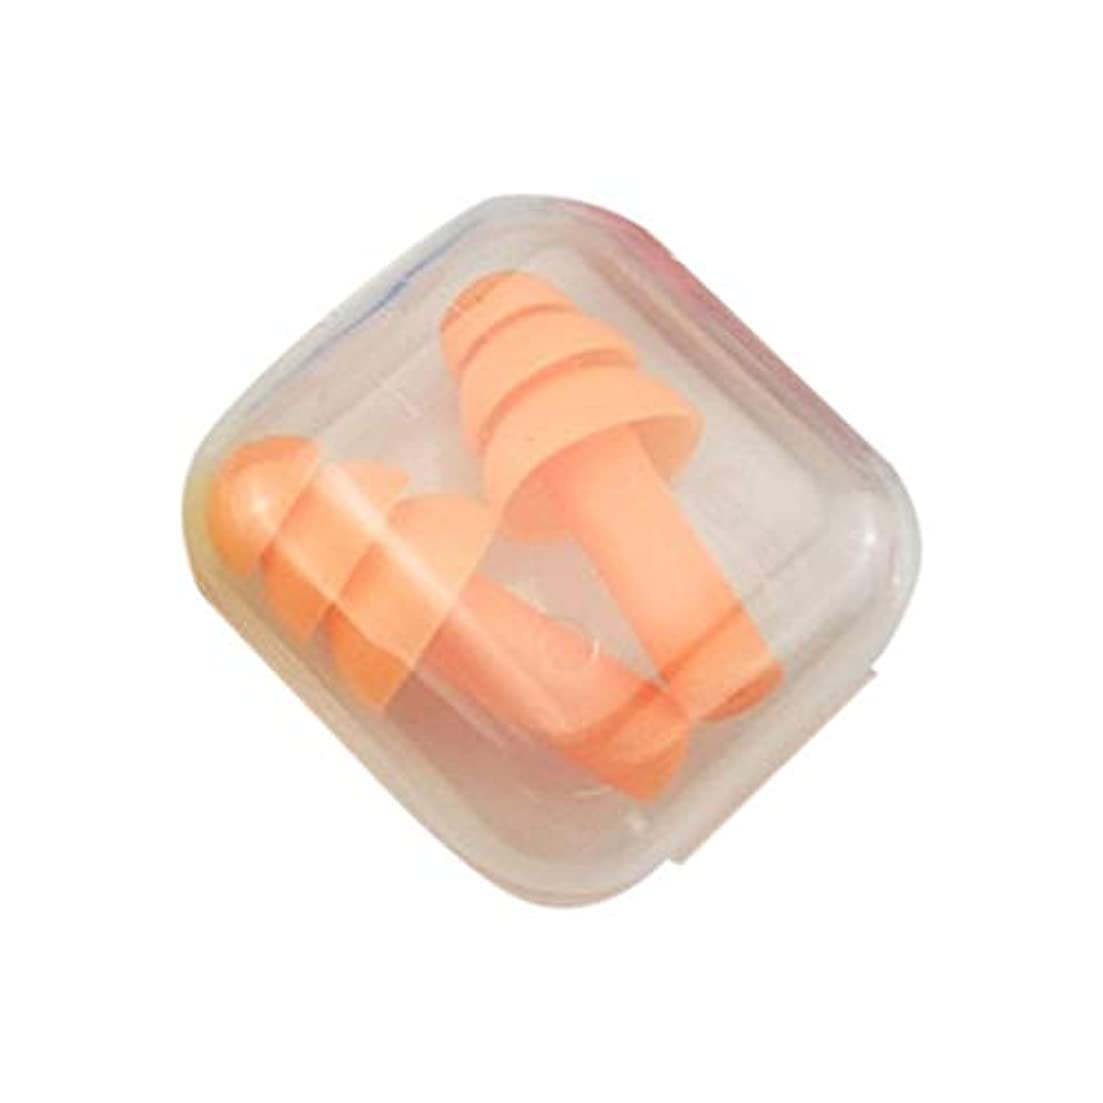 小売いらいらさせるアクセルソフトシリコン耳栓遮音防音耳栓収納ボックス付き